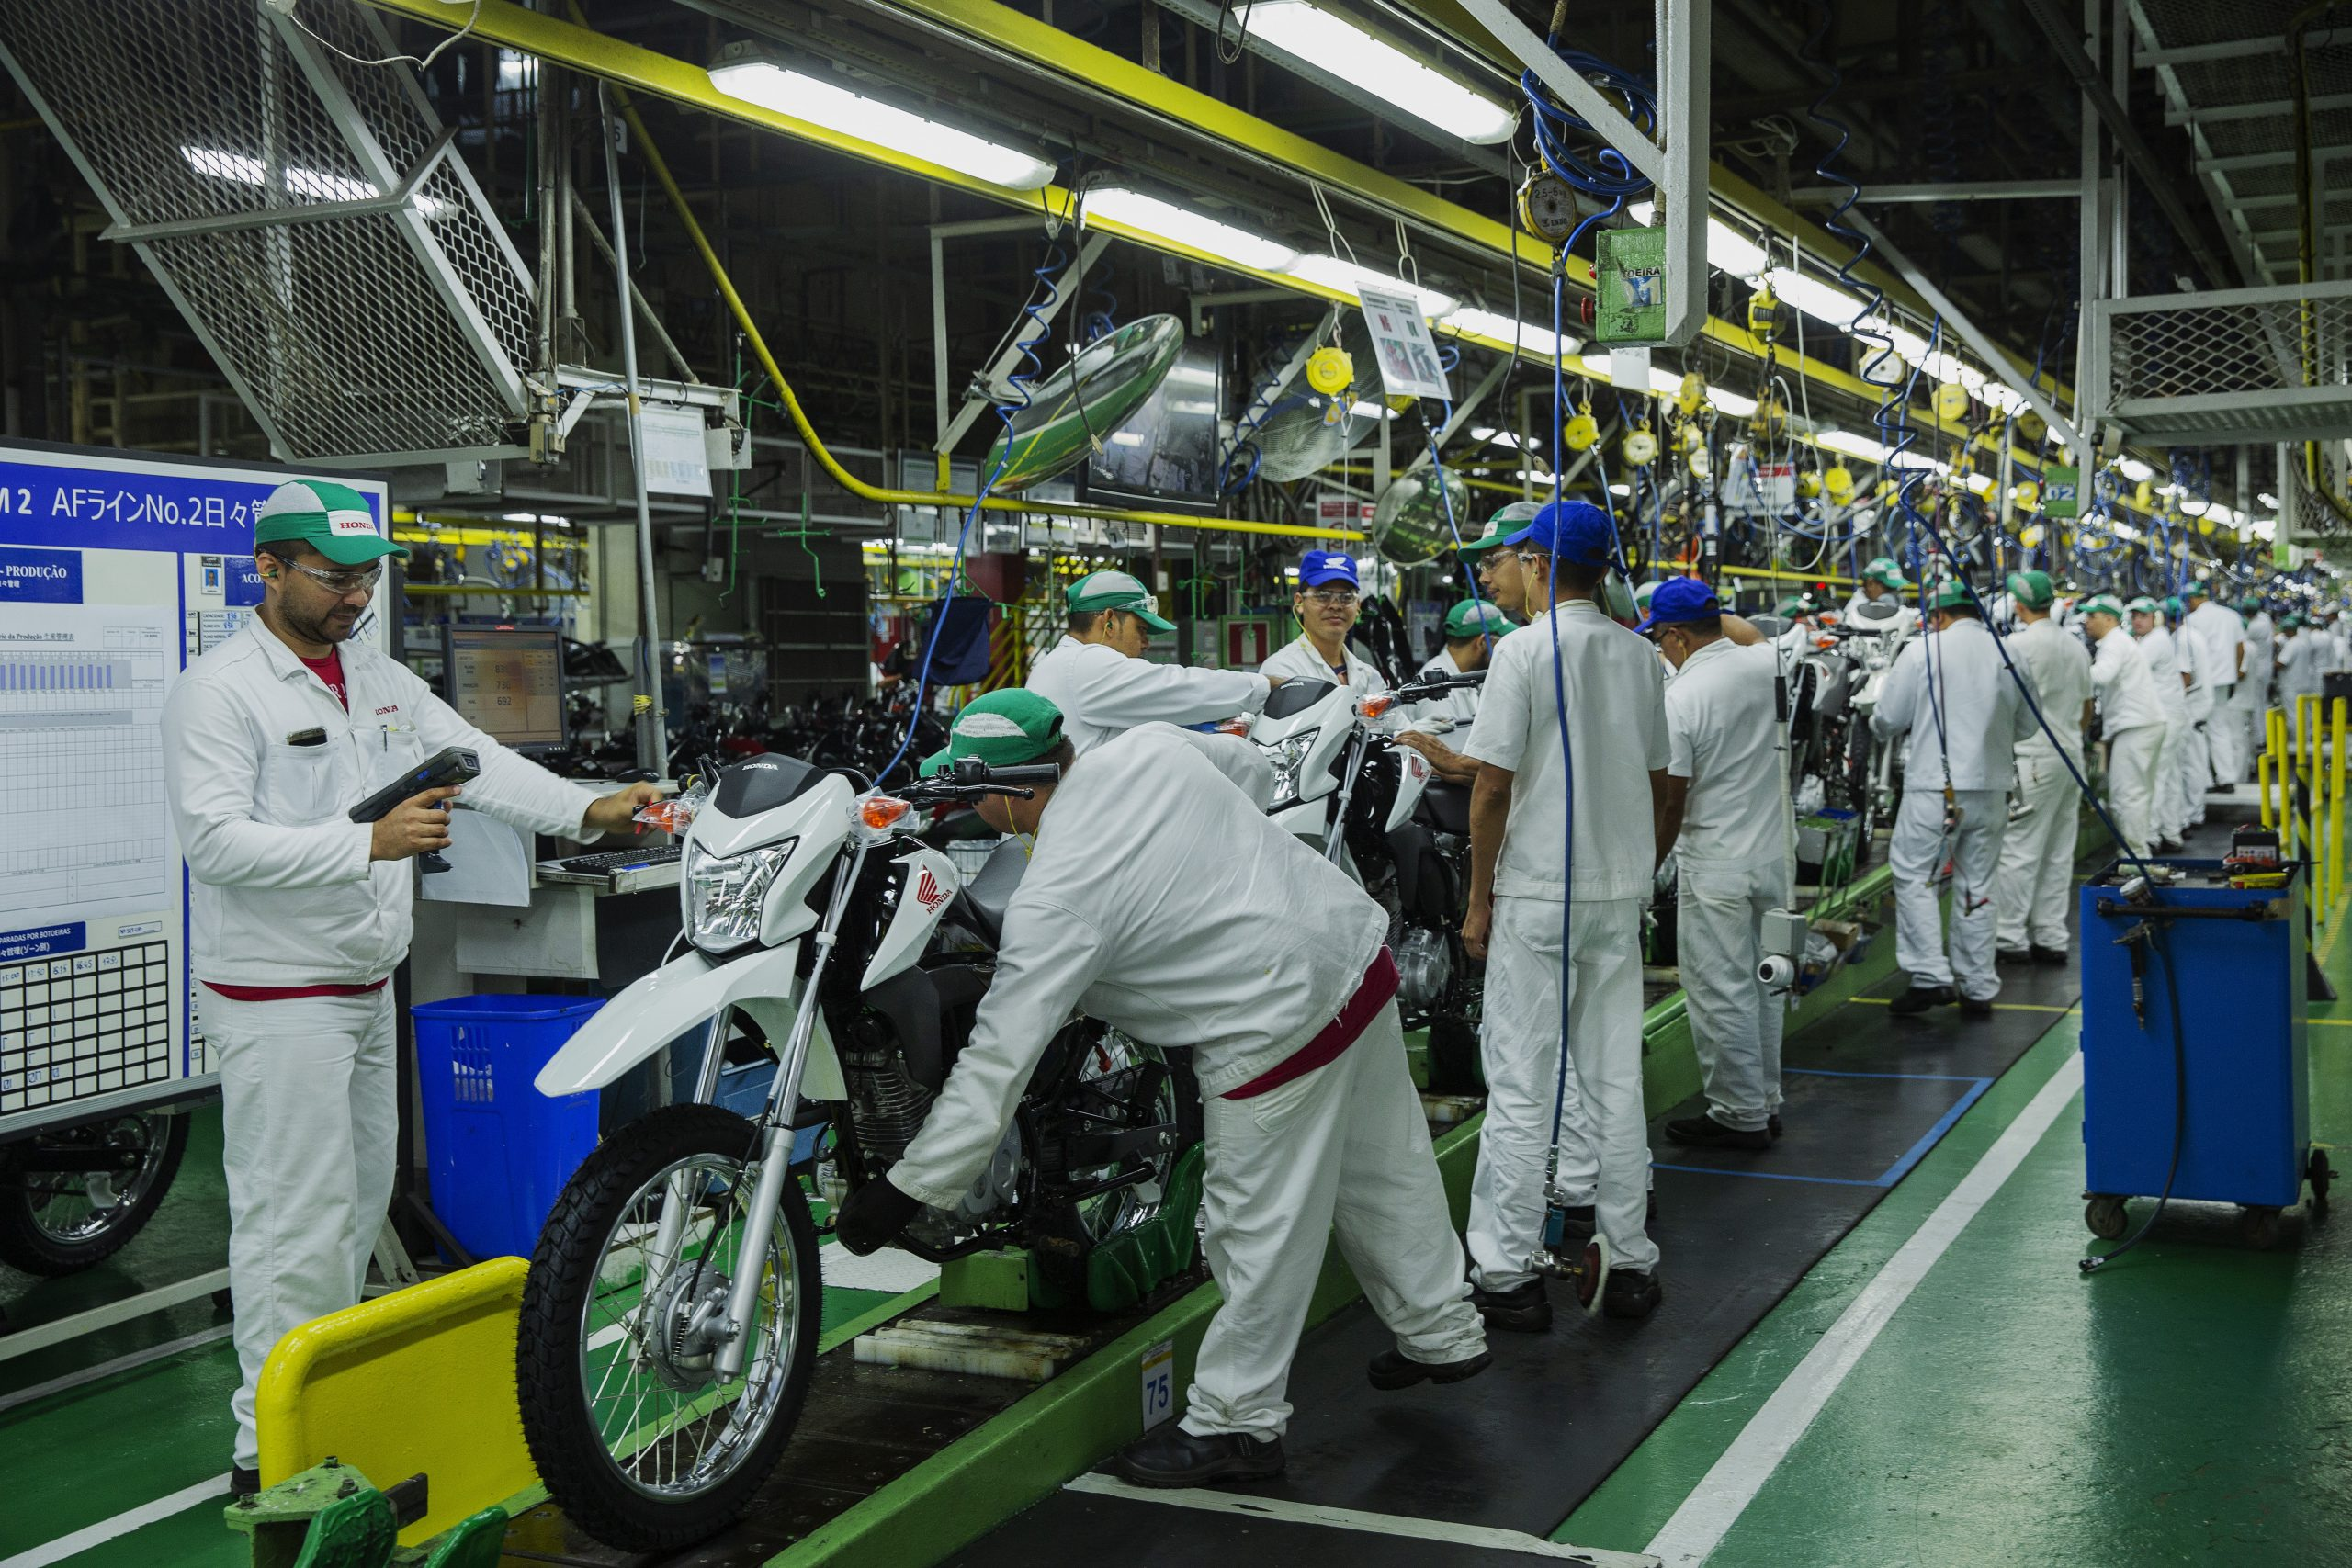 Produção industrial se recupera em 6 estados